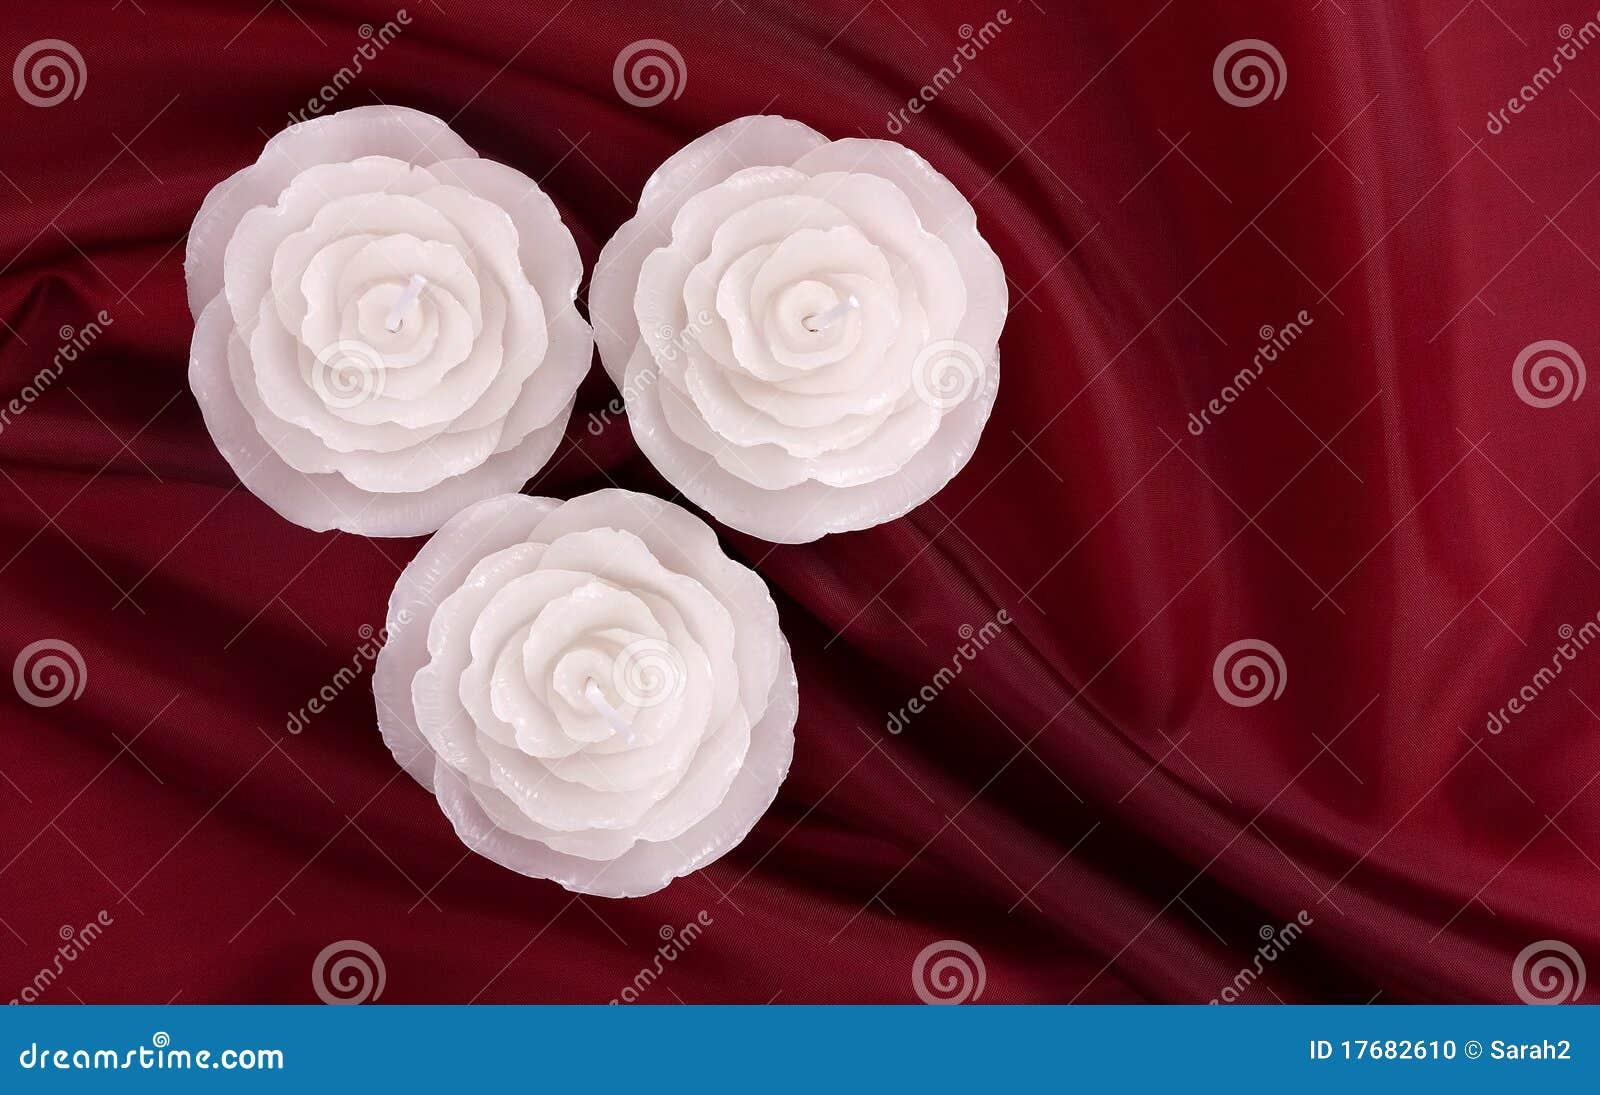 świeczki zgłębiają - różany czerwień atłas kształtował trzy